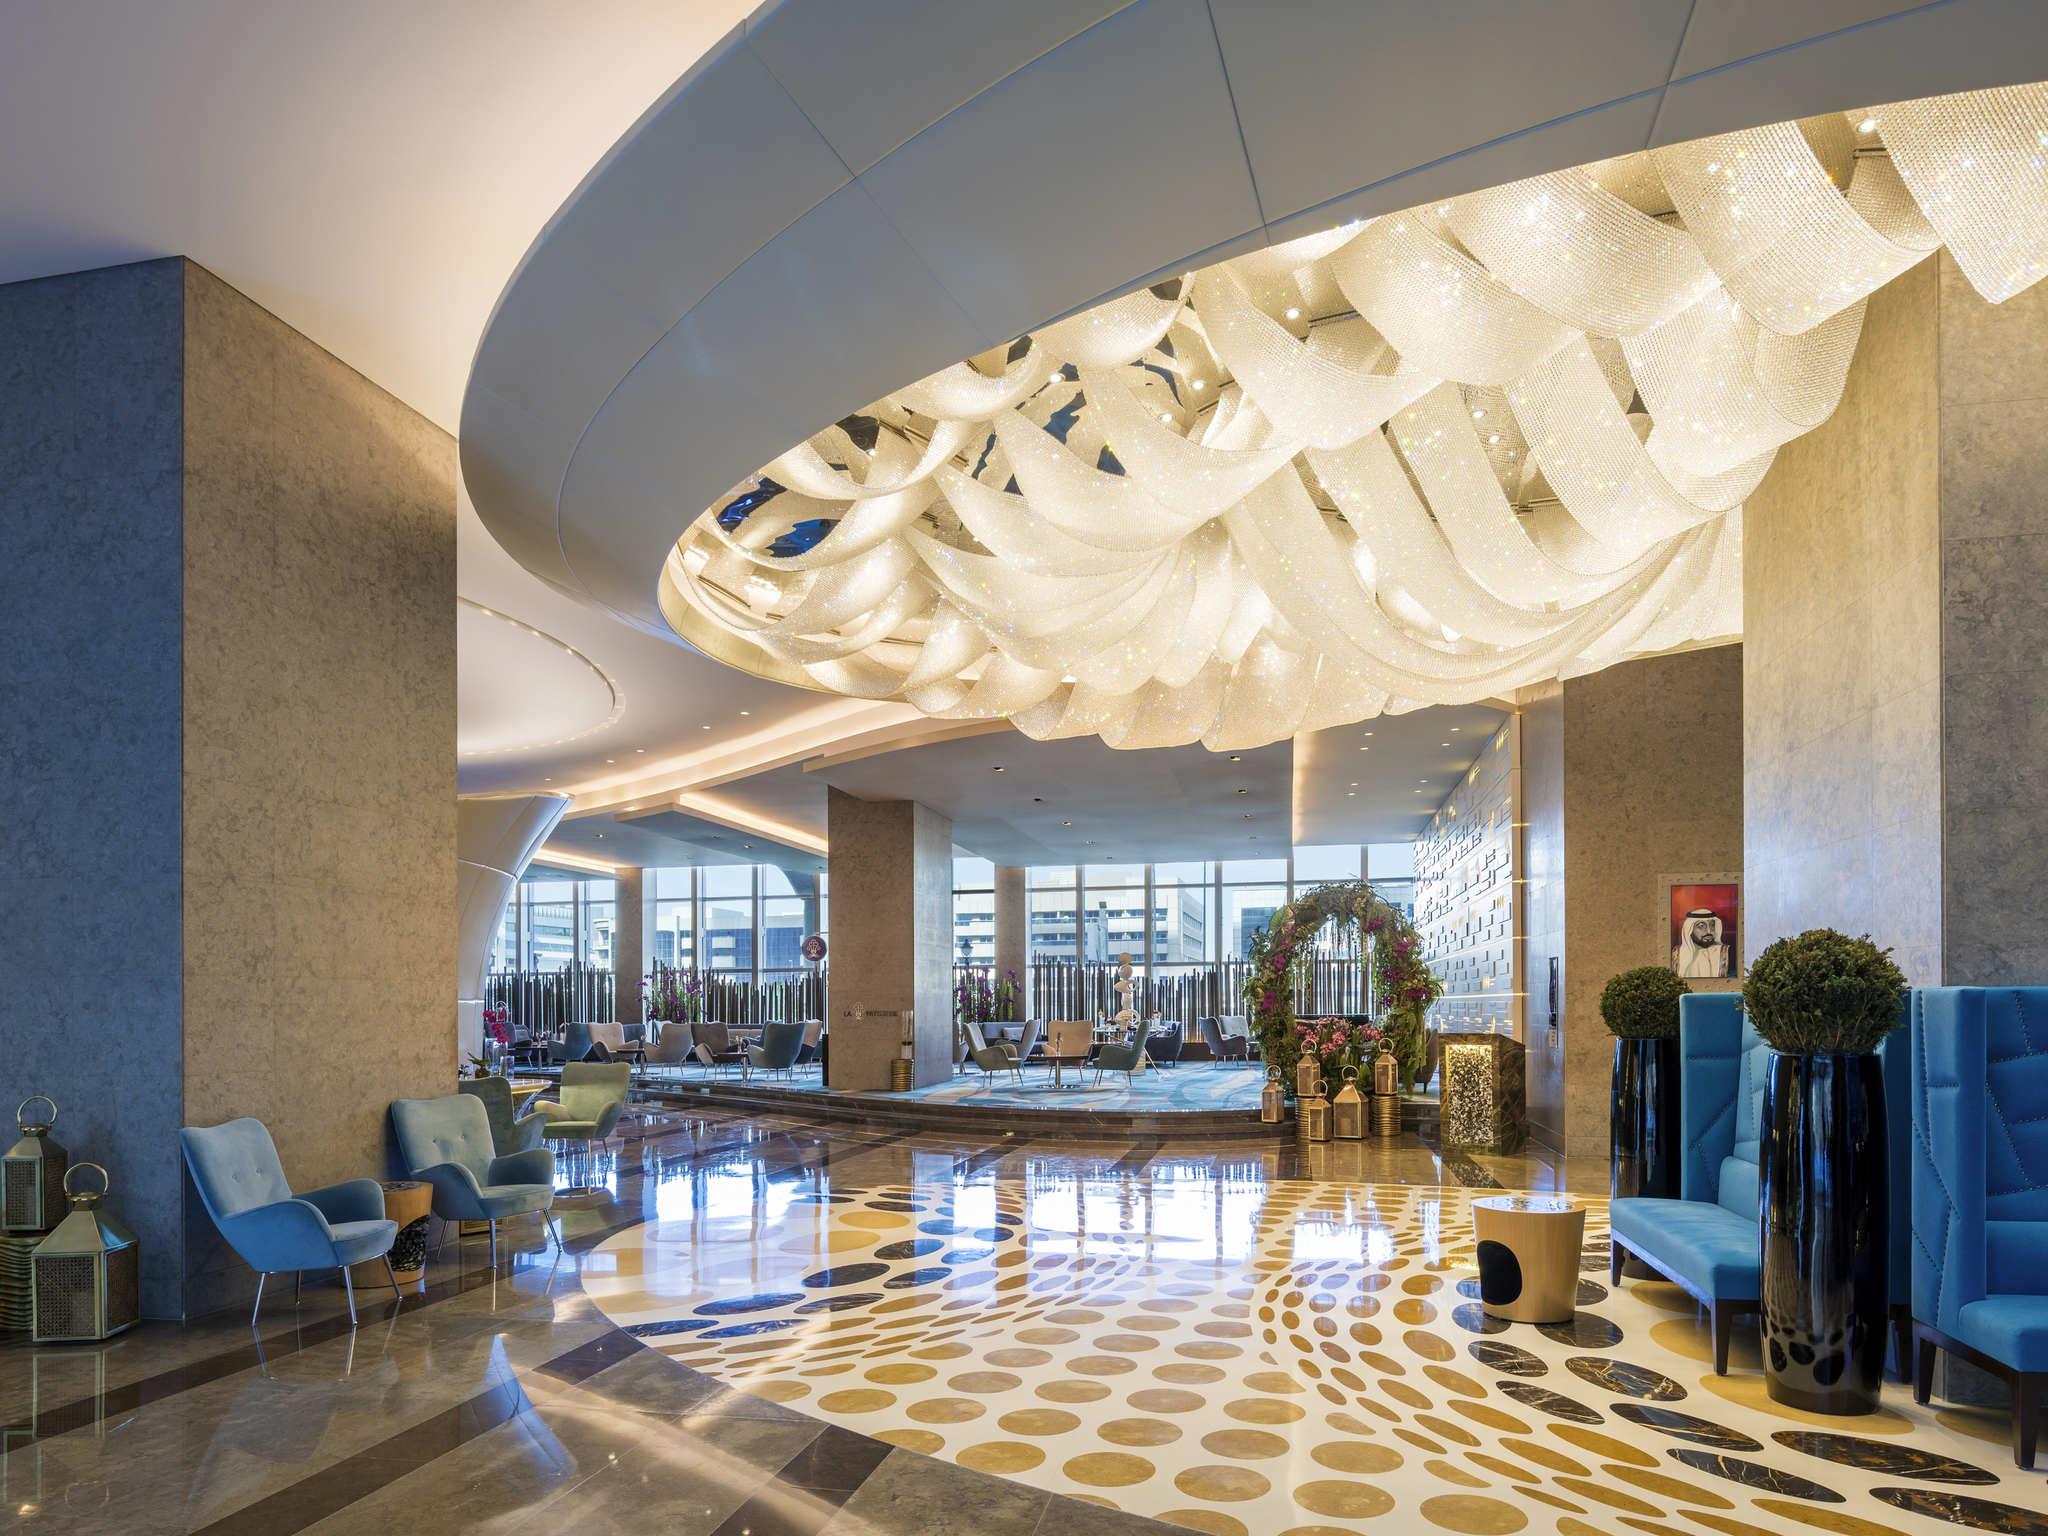 فندق - سوفيتل SOFITEL دبي داون تاون